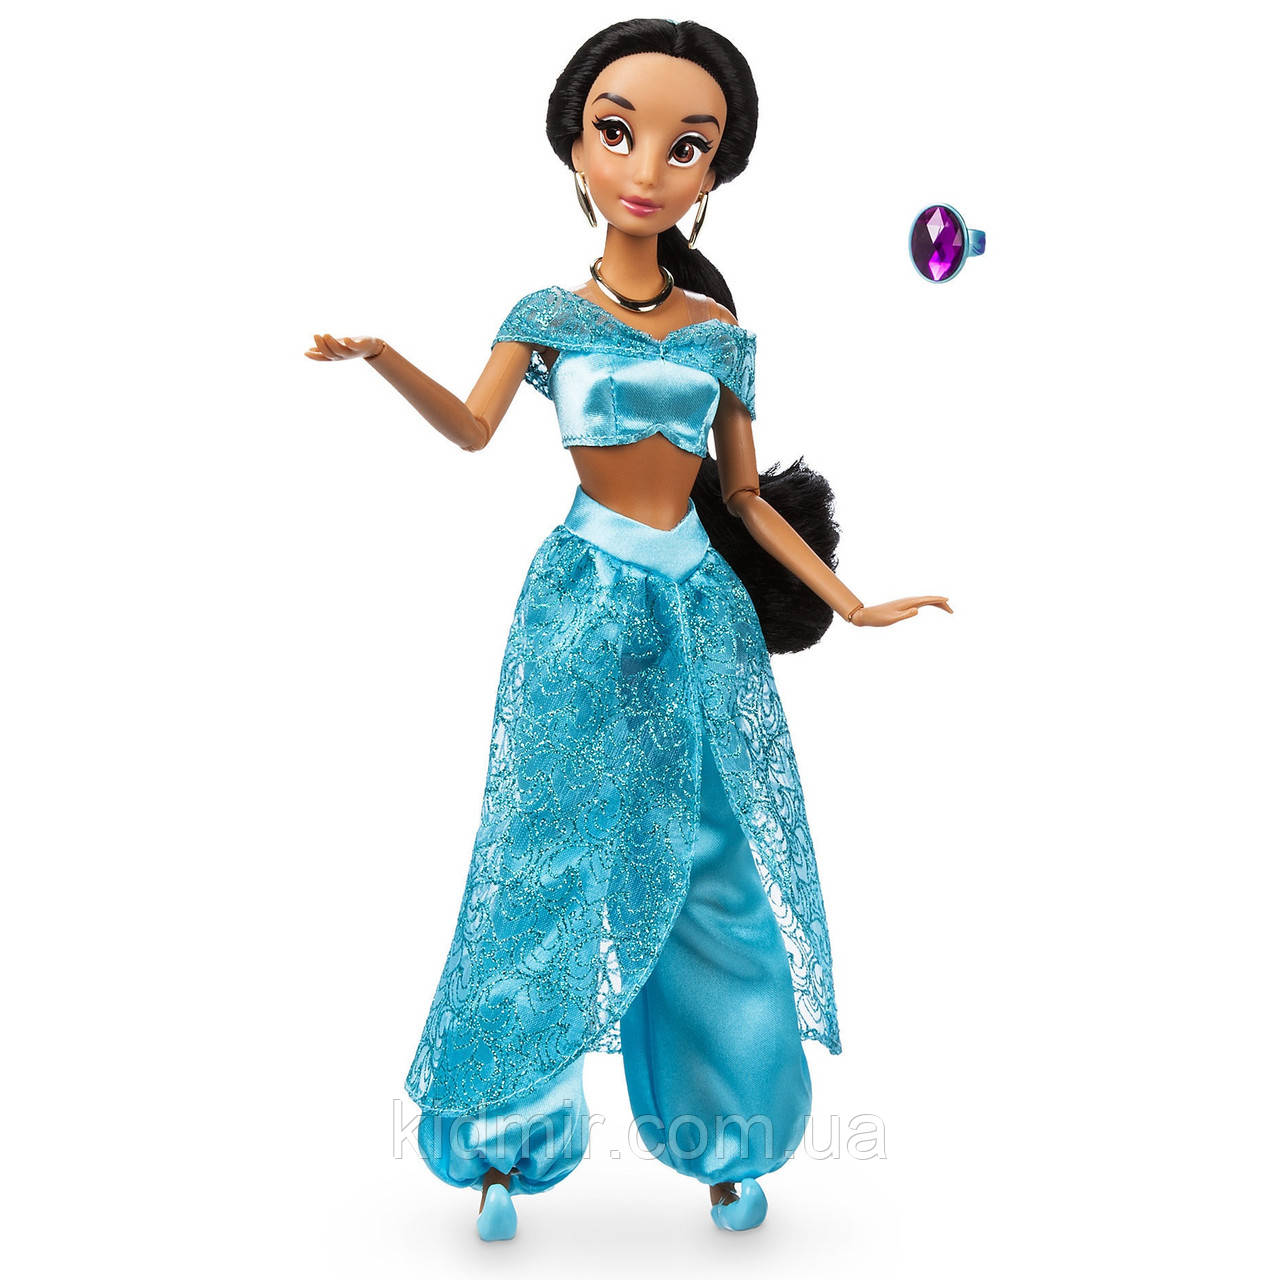 Купить Принцесса Дисней Кукла Жасмин c кольцом Jasmine ...